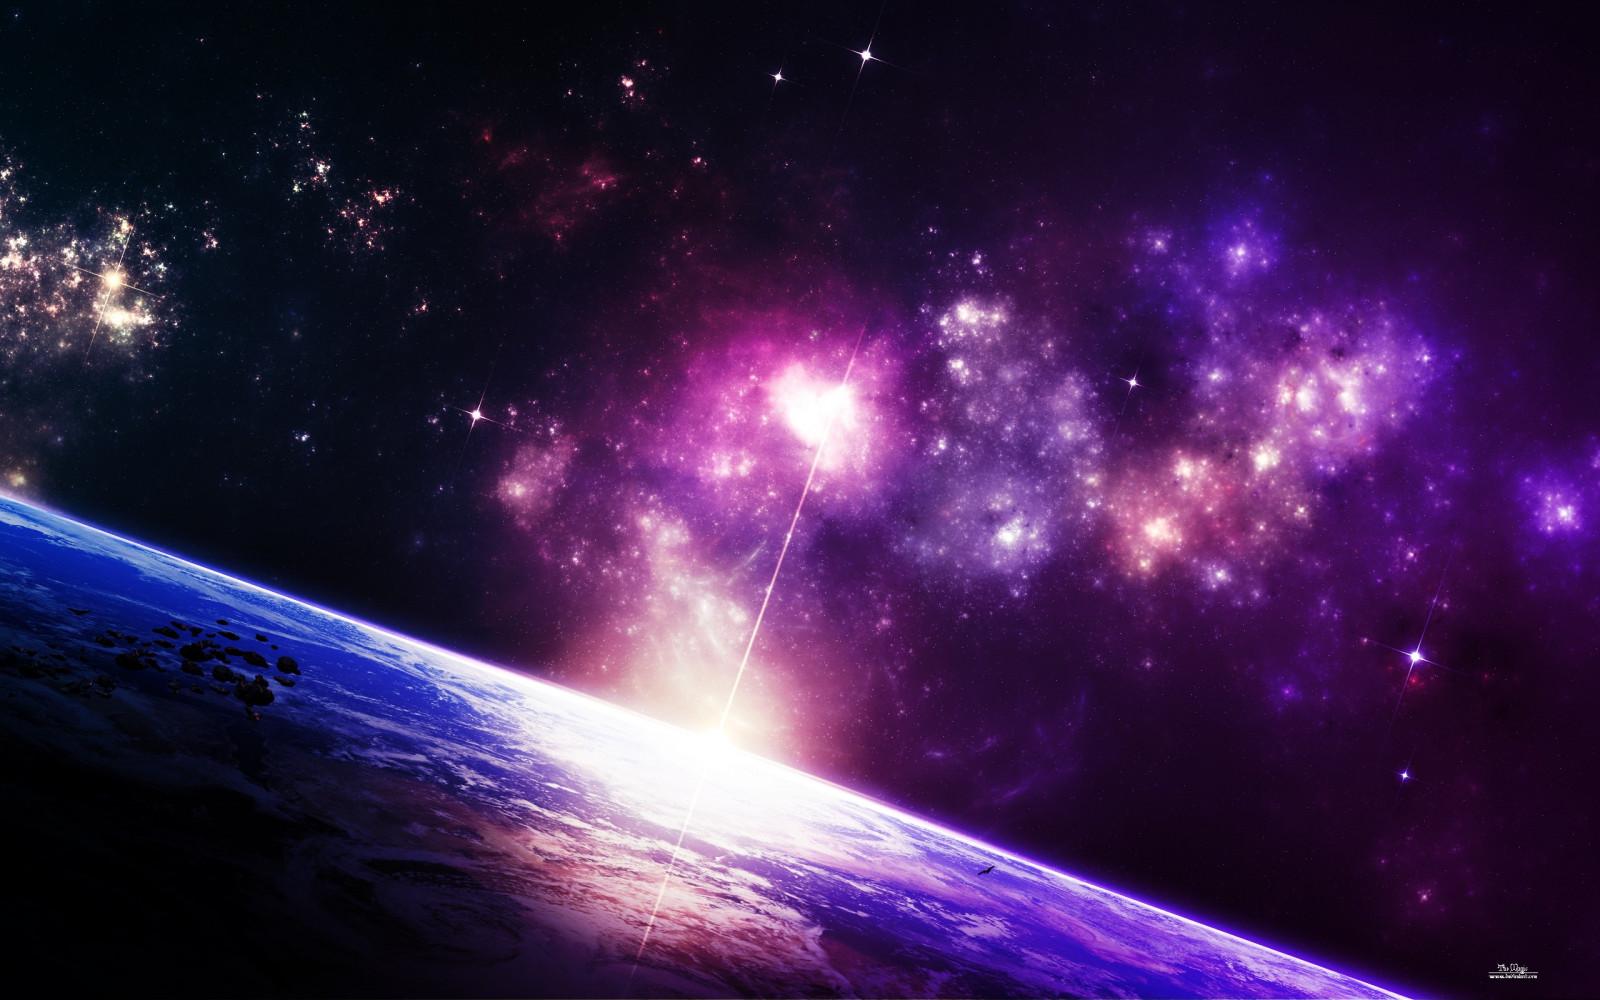 архив картинок про космос чертежи